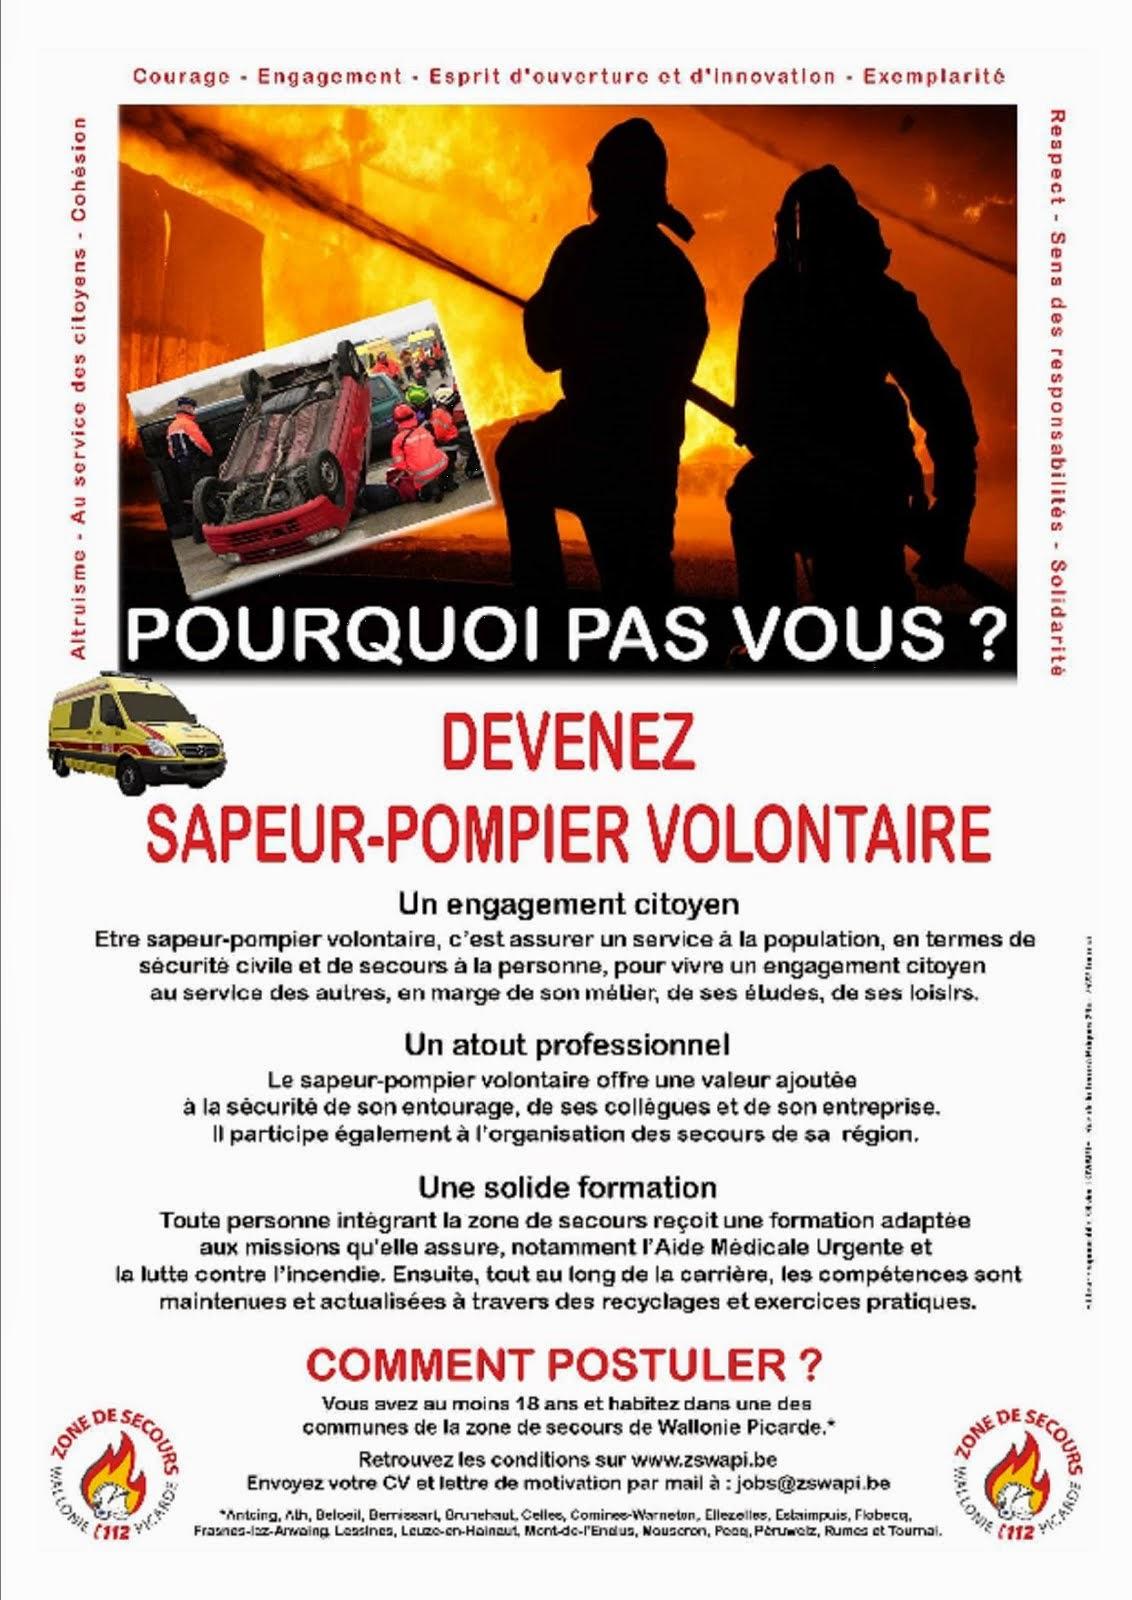 Devenez Sapeur-Pompier-Volontaire.